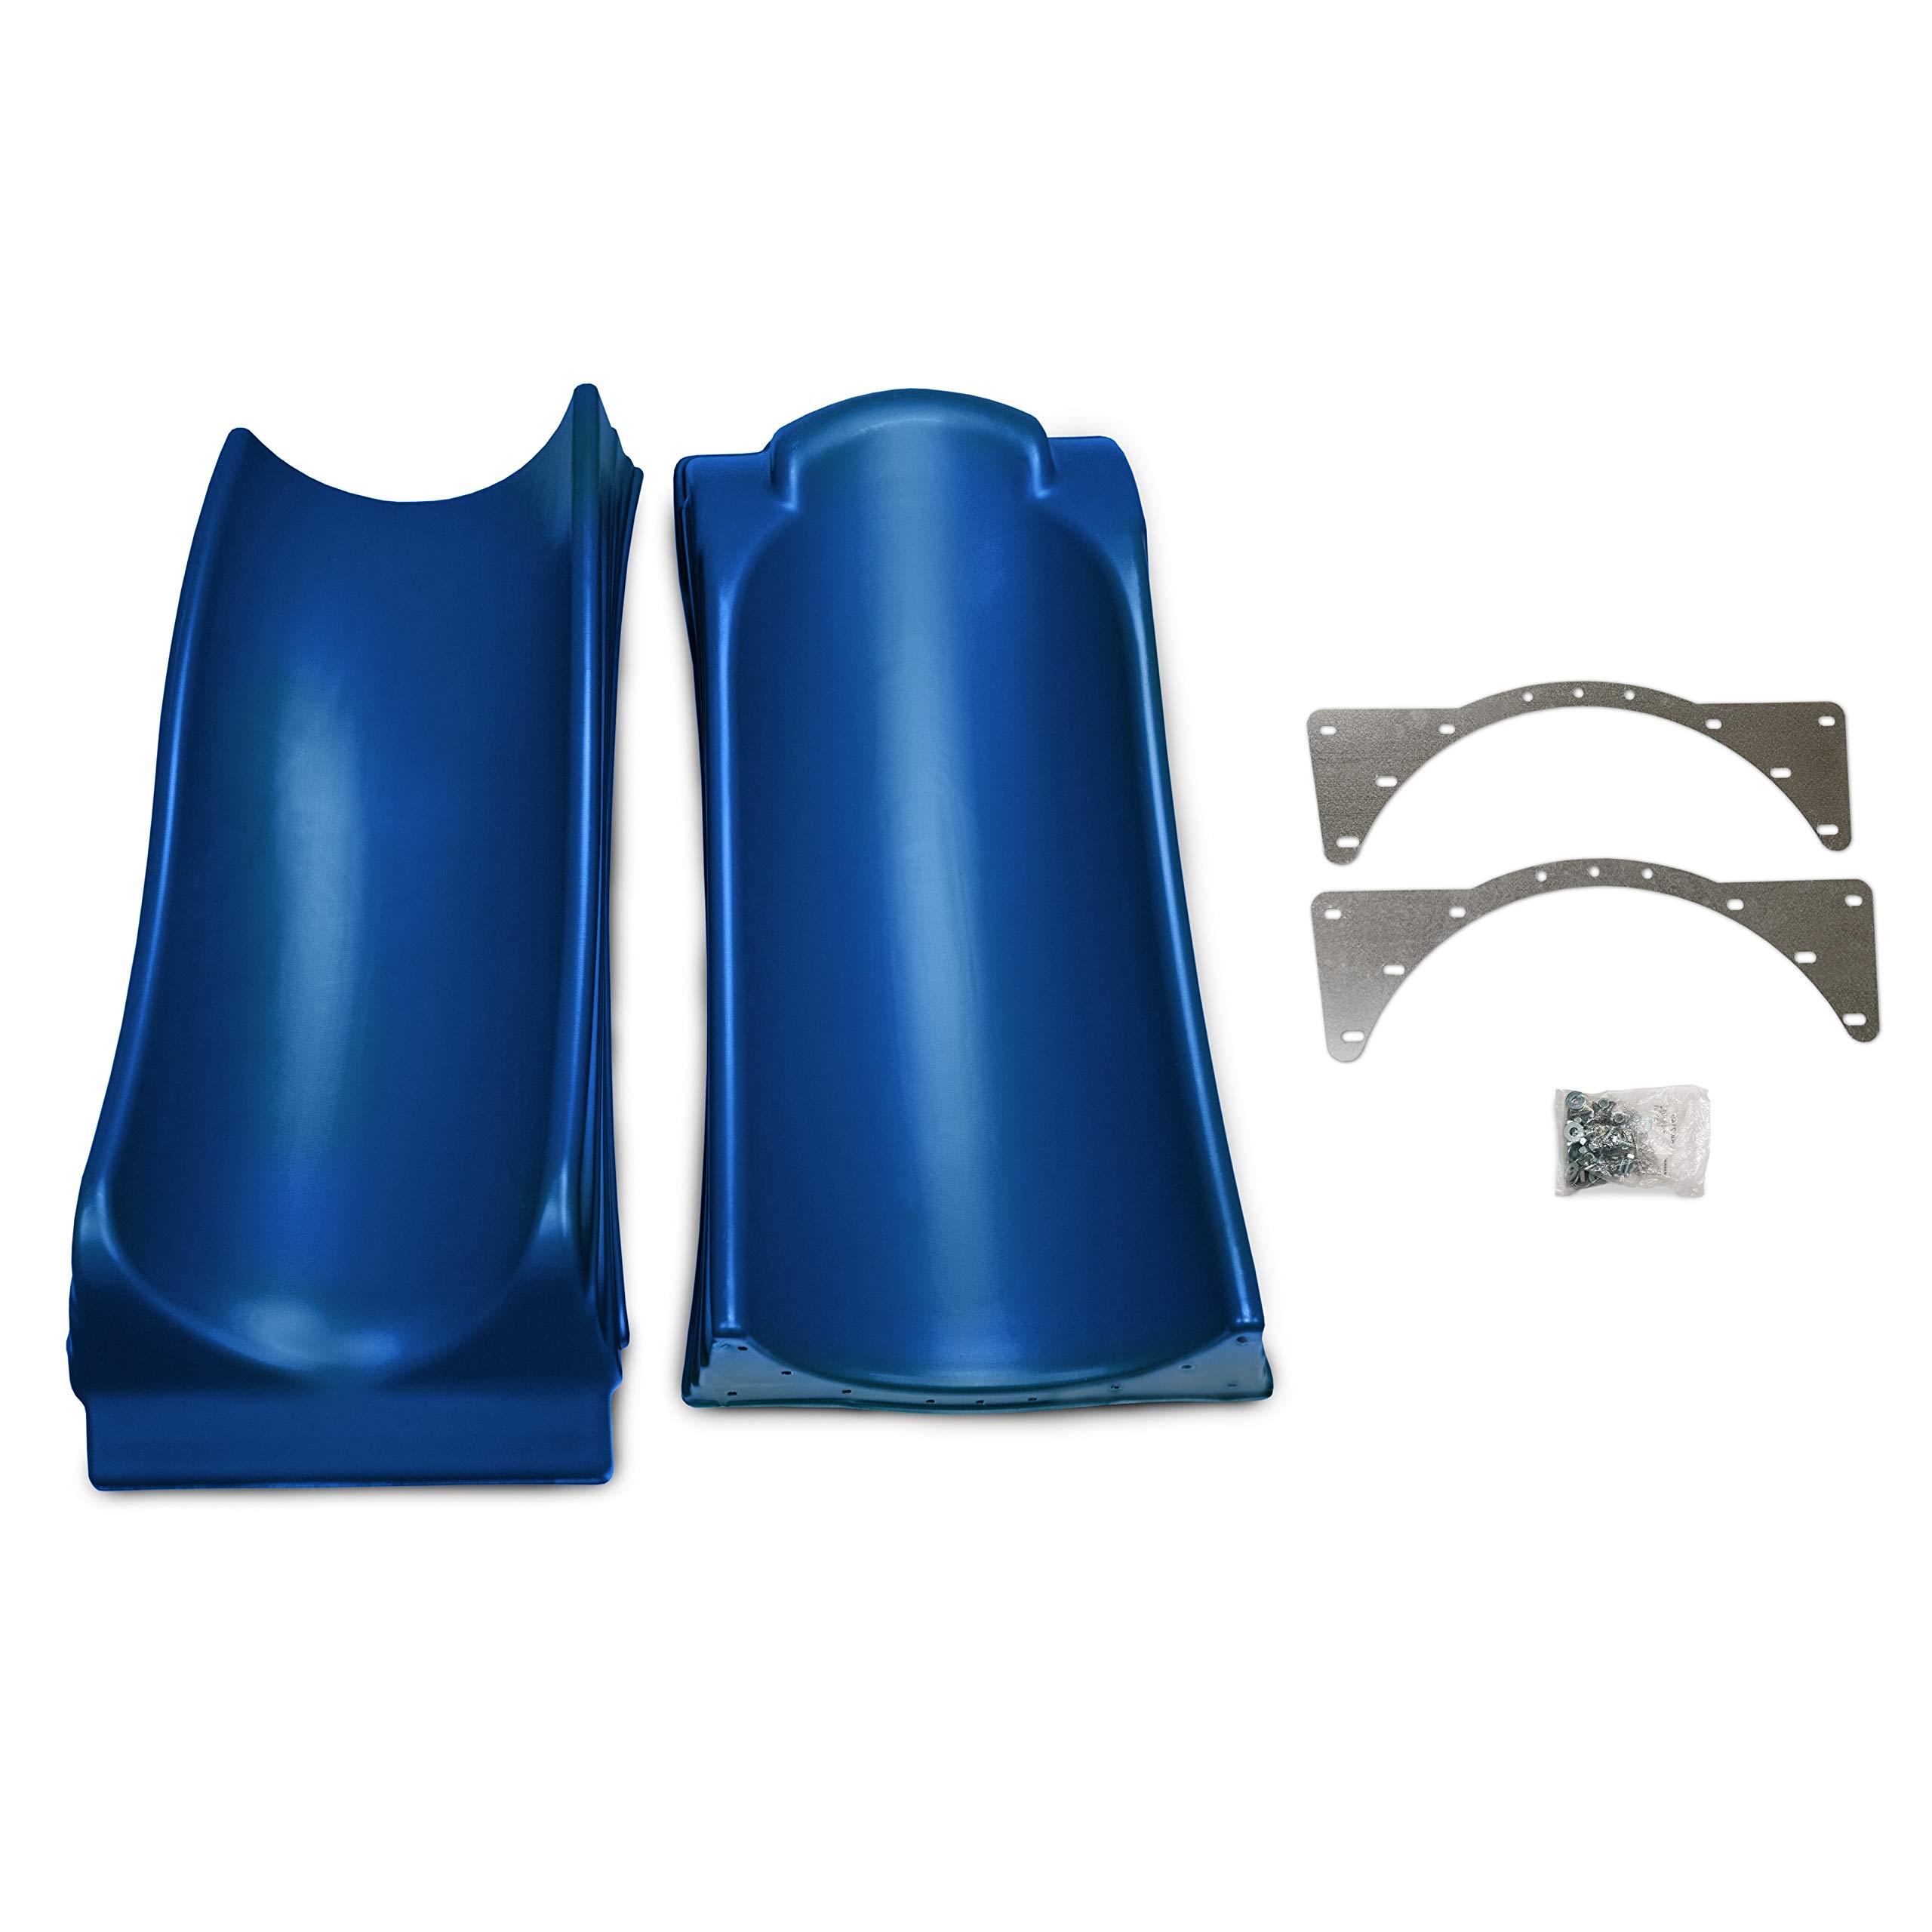 Swing-N-Slide WS 5032 Olympus Wave Slide 2 Piece Plastic Slide for 5' Decks, Blue by Swing-N-Slide (Image #5)